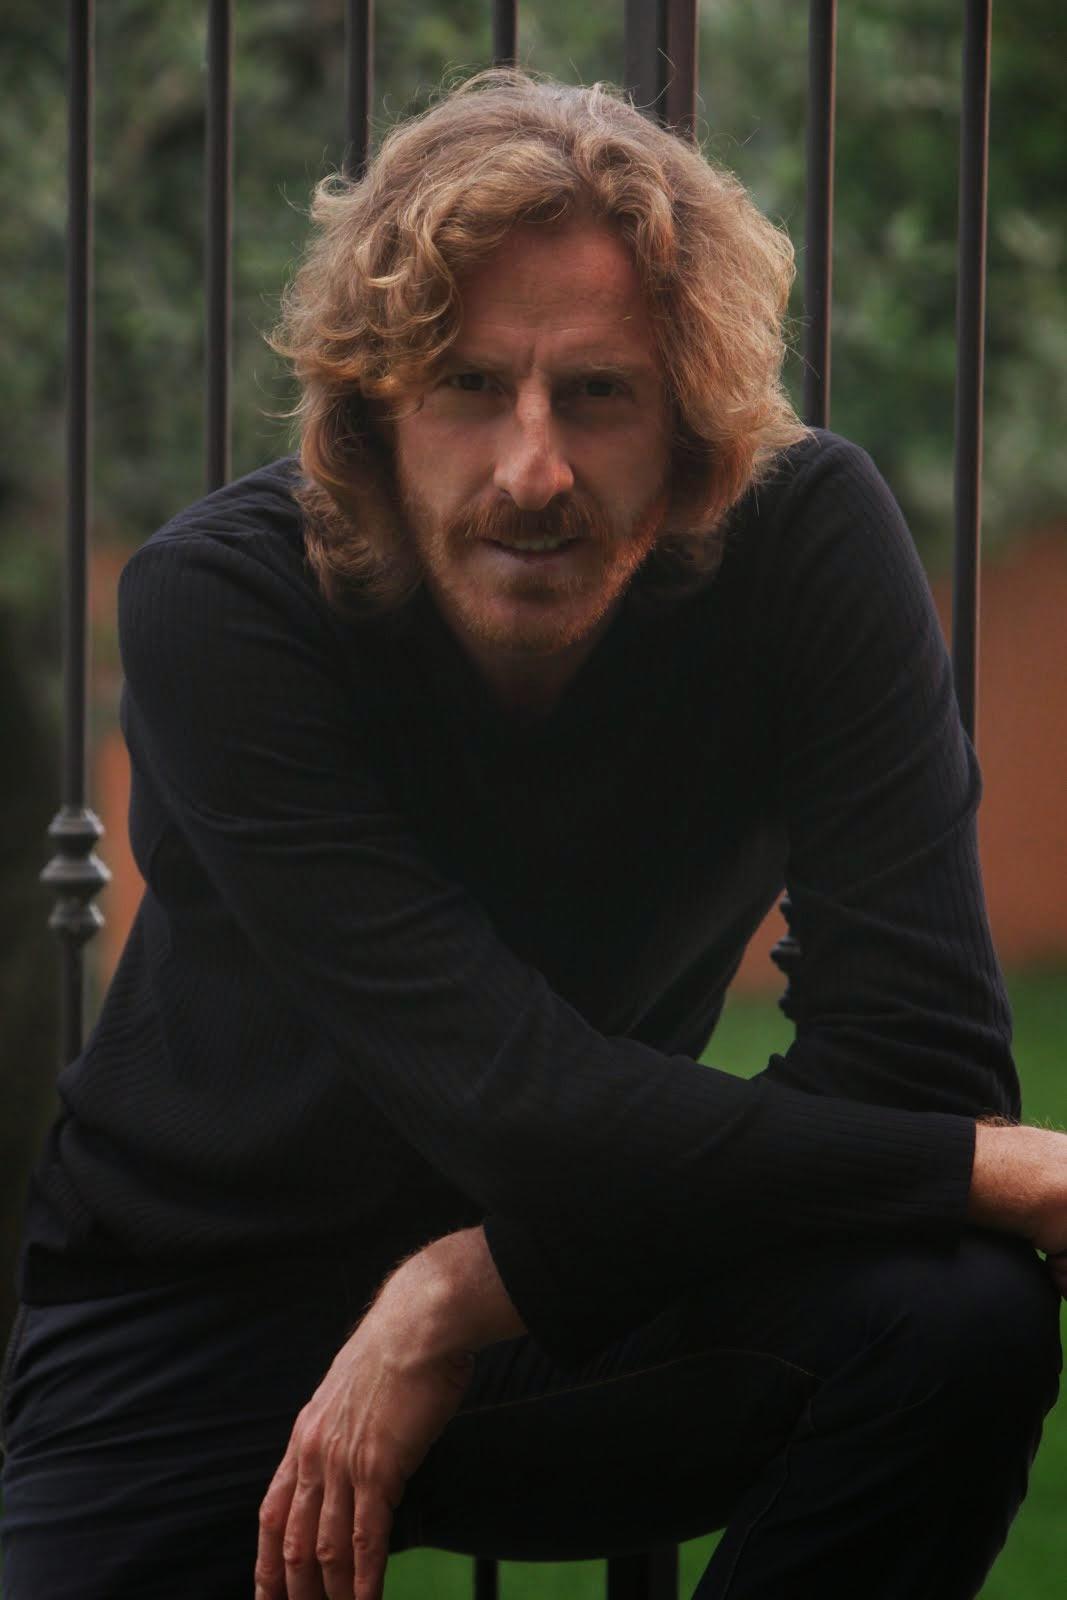 L'Attore e Regista Luca Martella